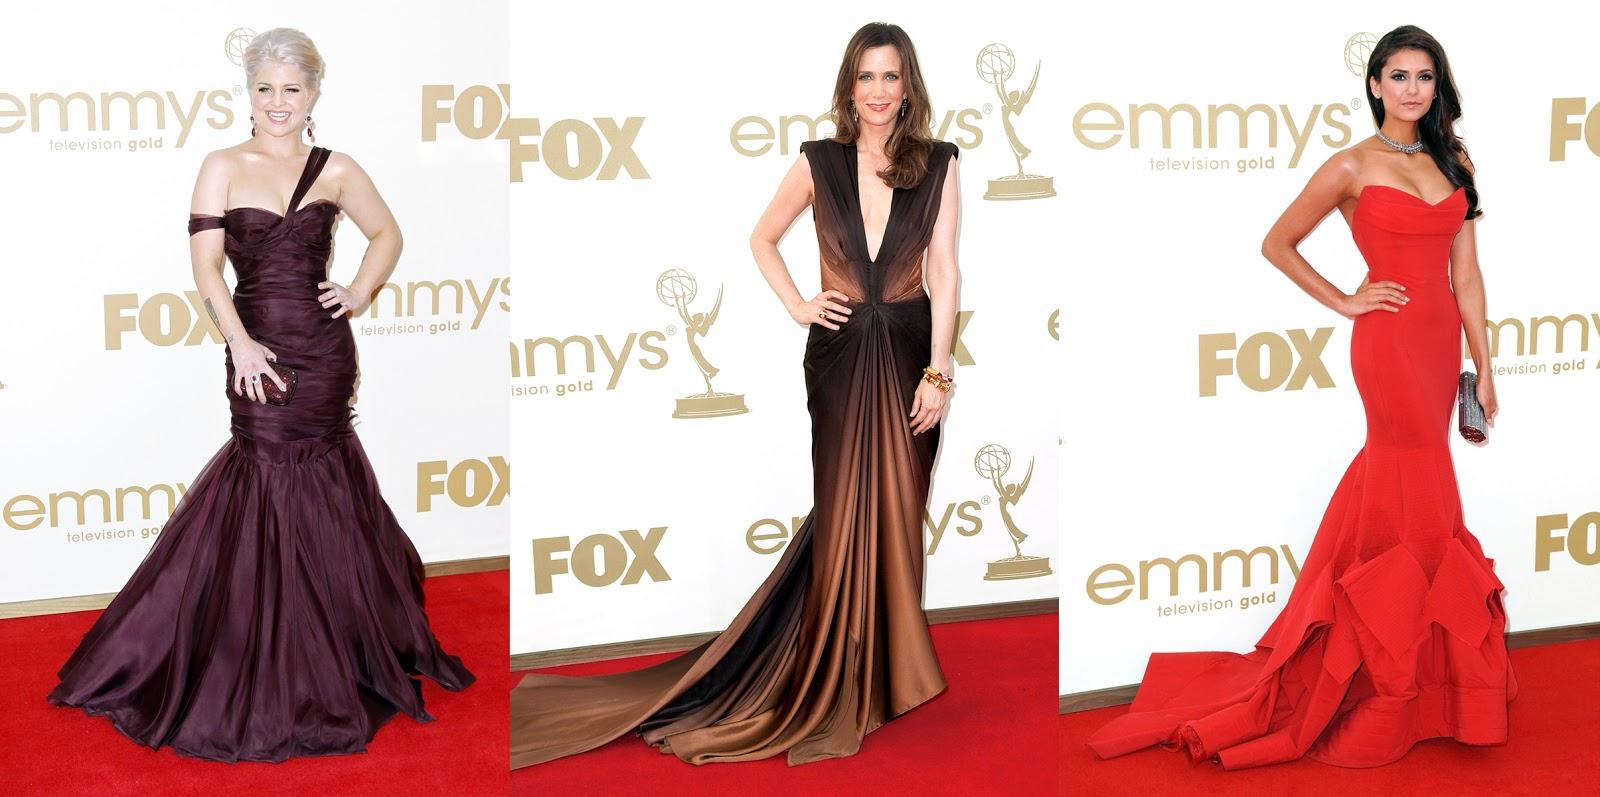 http://4.bp.blogspot.com/-OBXI6OCgzZQ/TnoAWVHOBnI/AAAAAAAAAEs/Rw2QJSDOwwk/s1600/Emmys2011.jpg